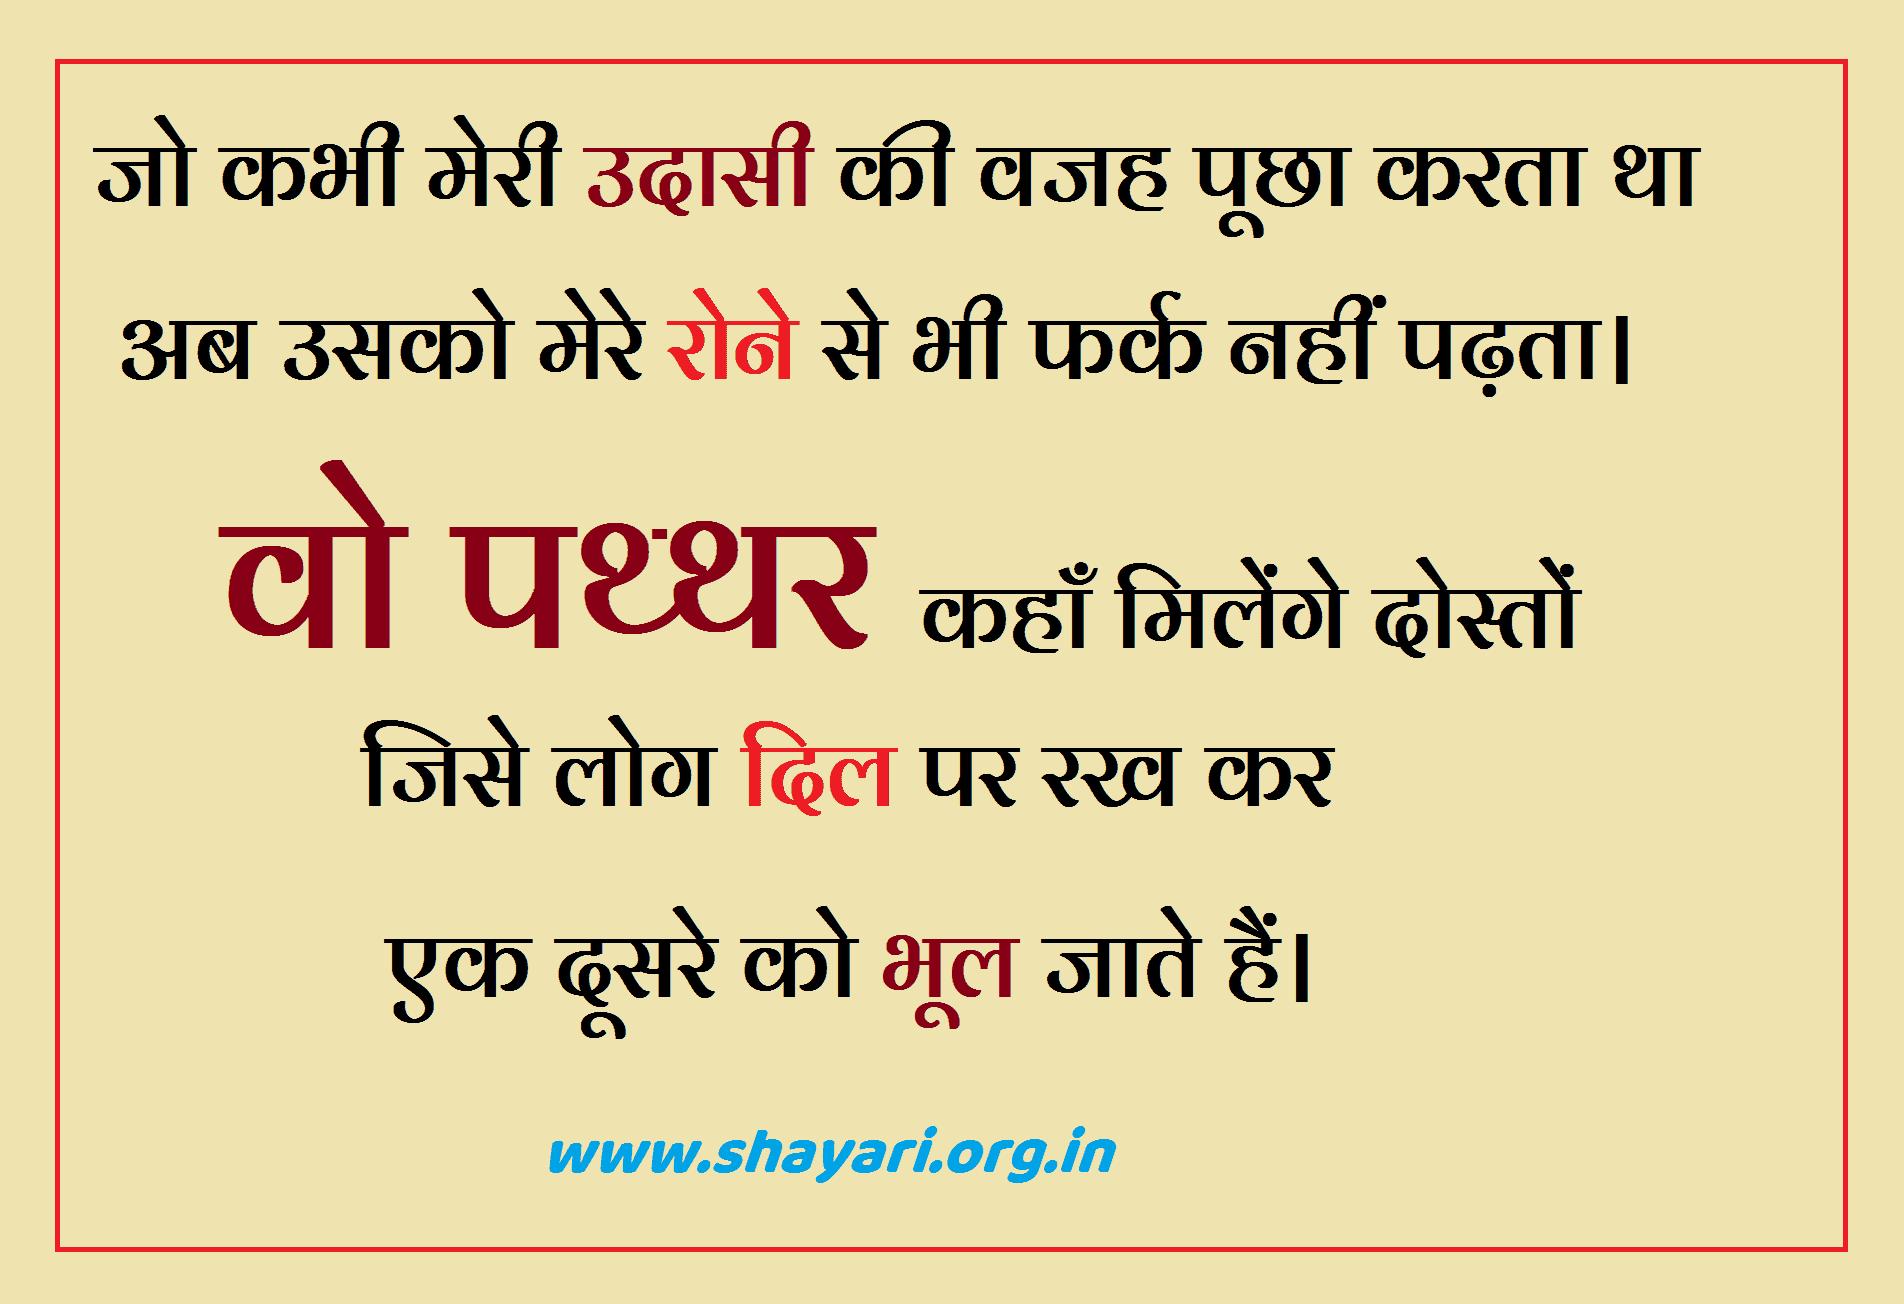 Vo Paththar Kaha Milega Hindi Sad shayari 2020